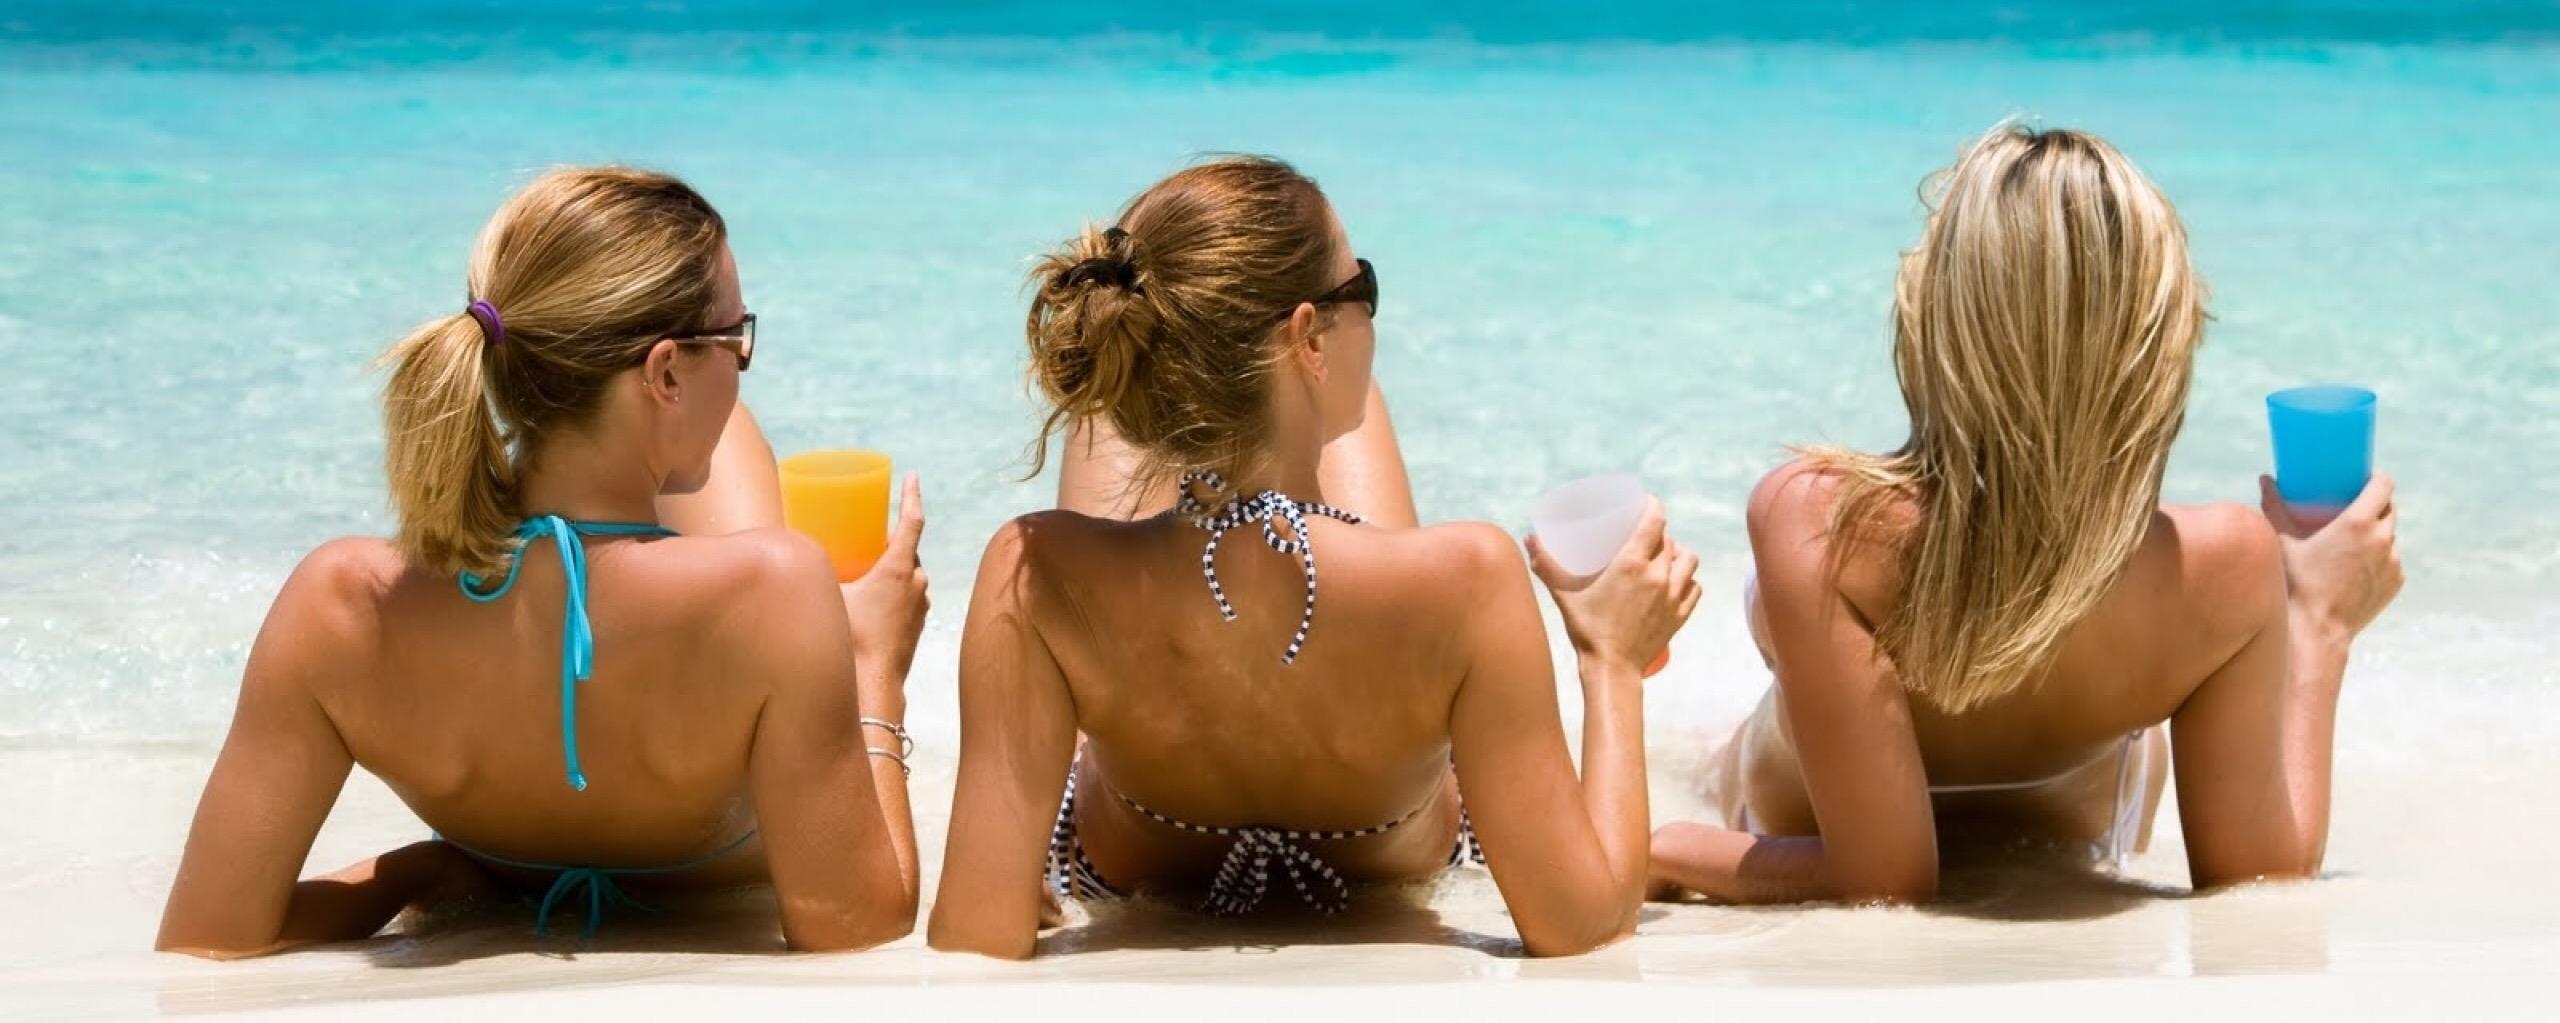 Sex Vacations Top Resort Fantasy Stars Club